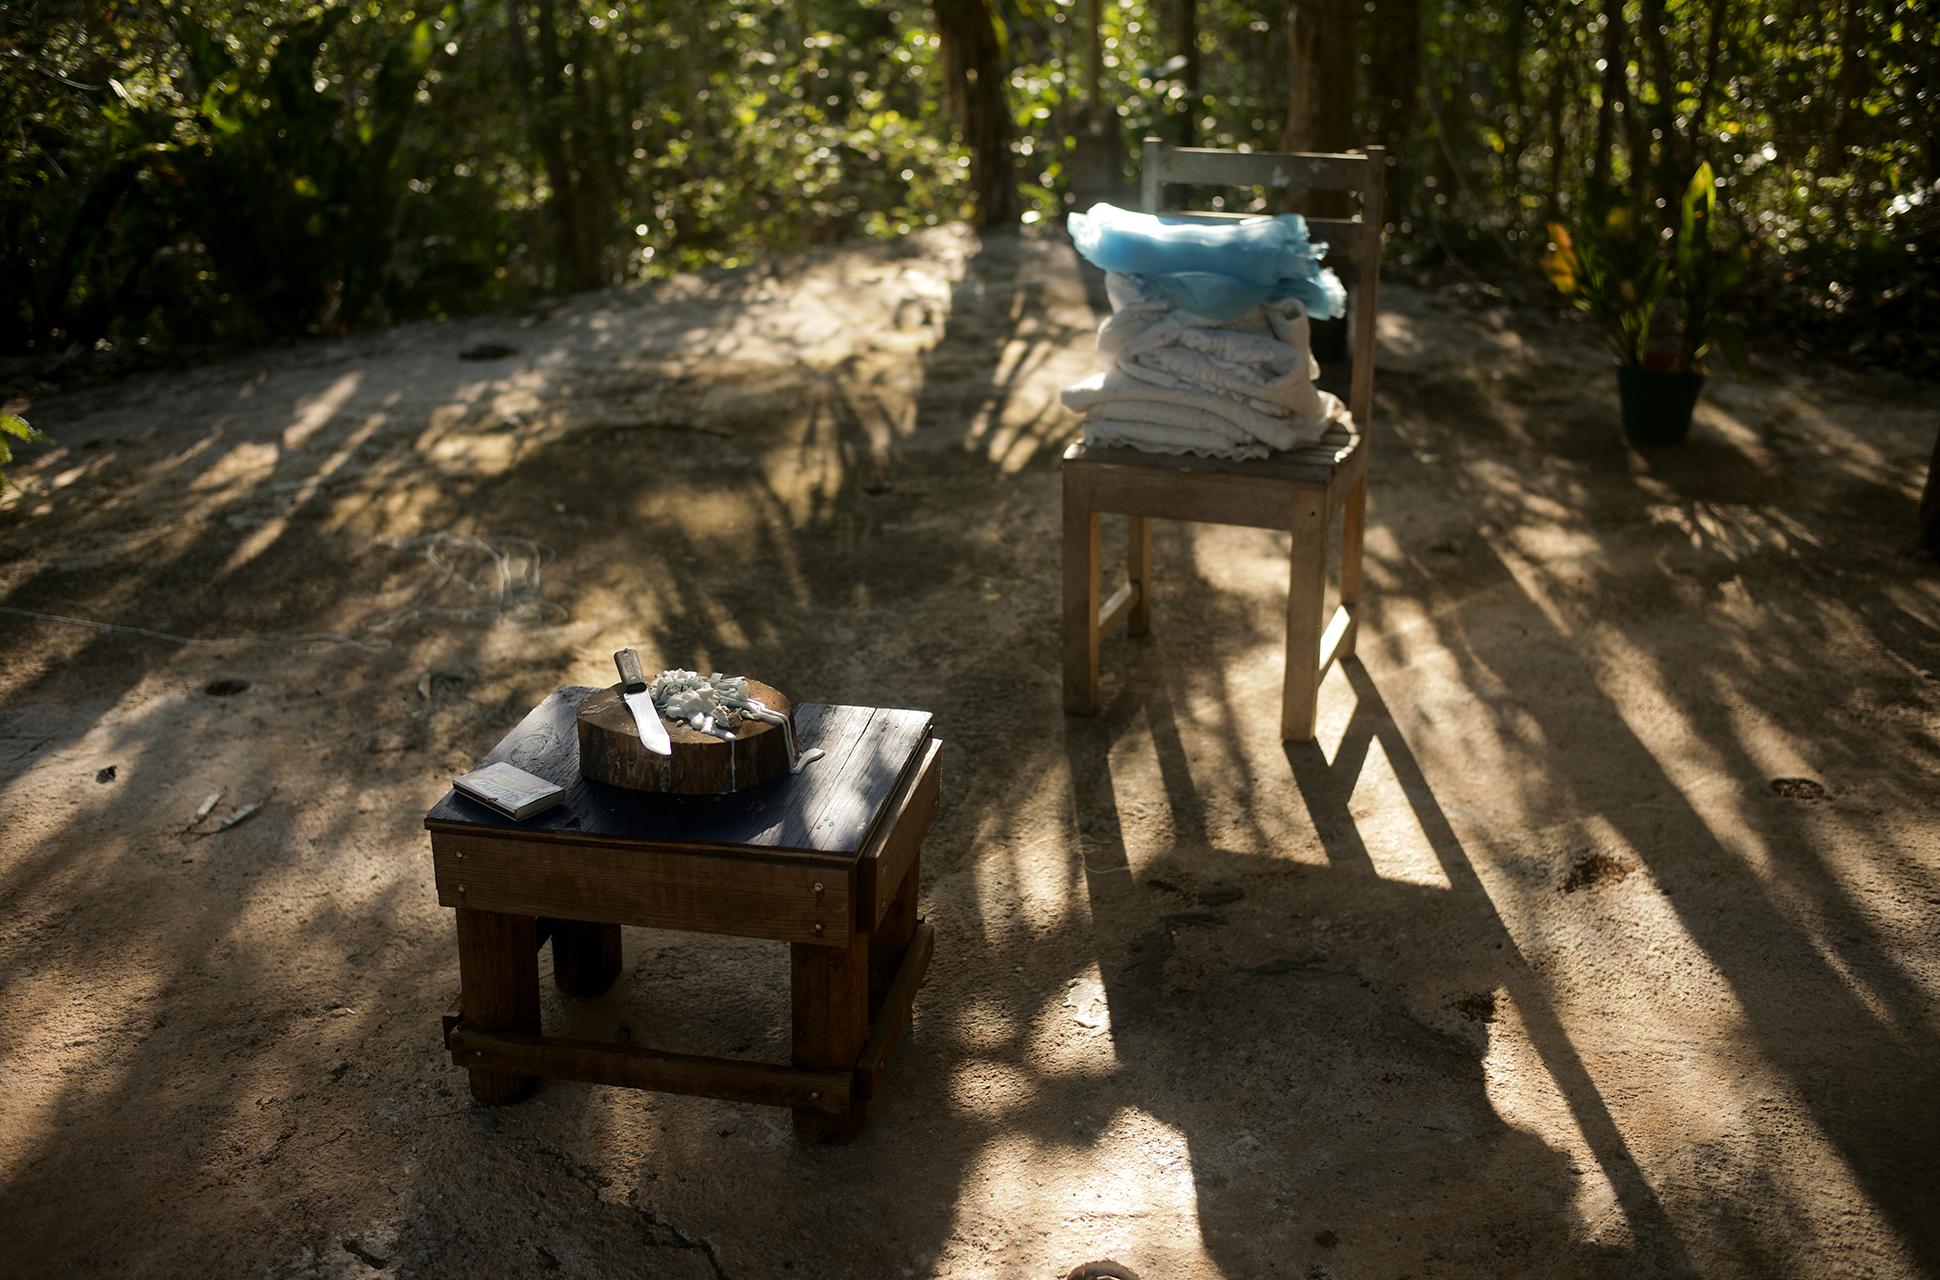 La_selva_maya_en_riesgo_El_tren_que_atravesará_la_península_de_Yucatán_Fotografía_Juan_Pablo_Ampudia_08